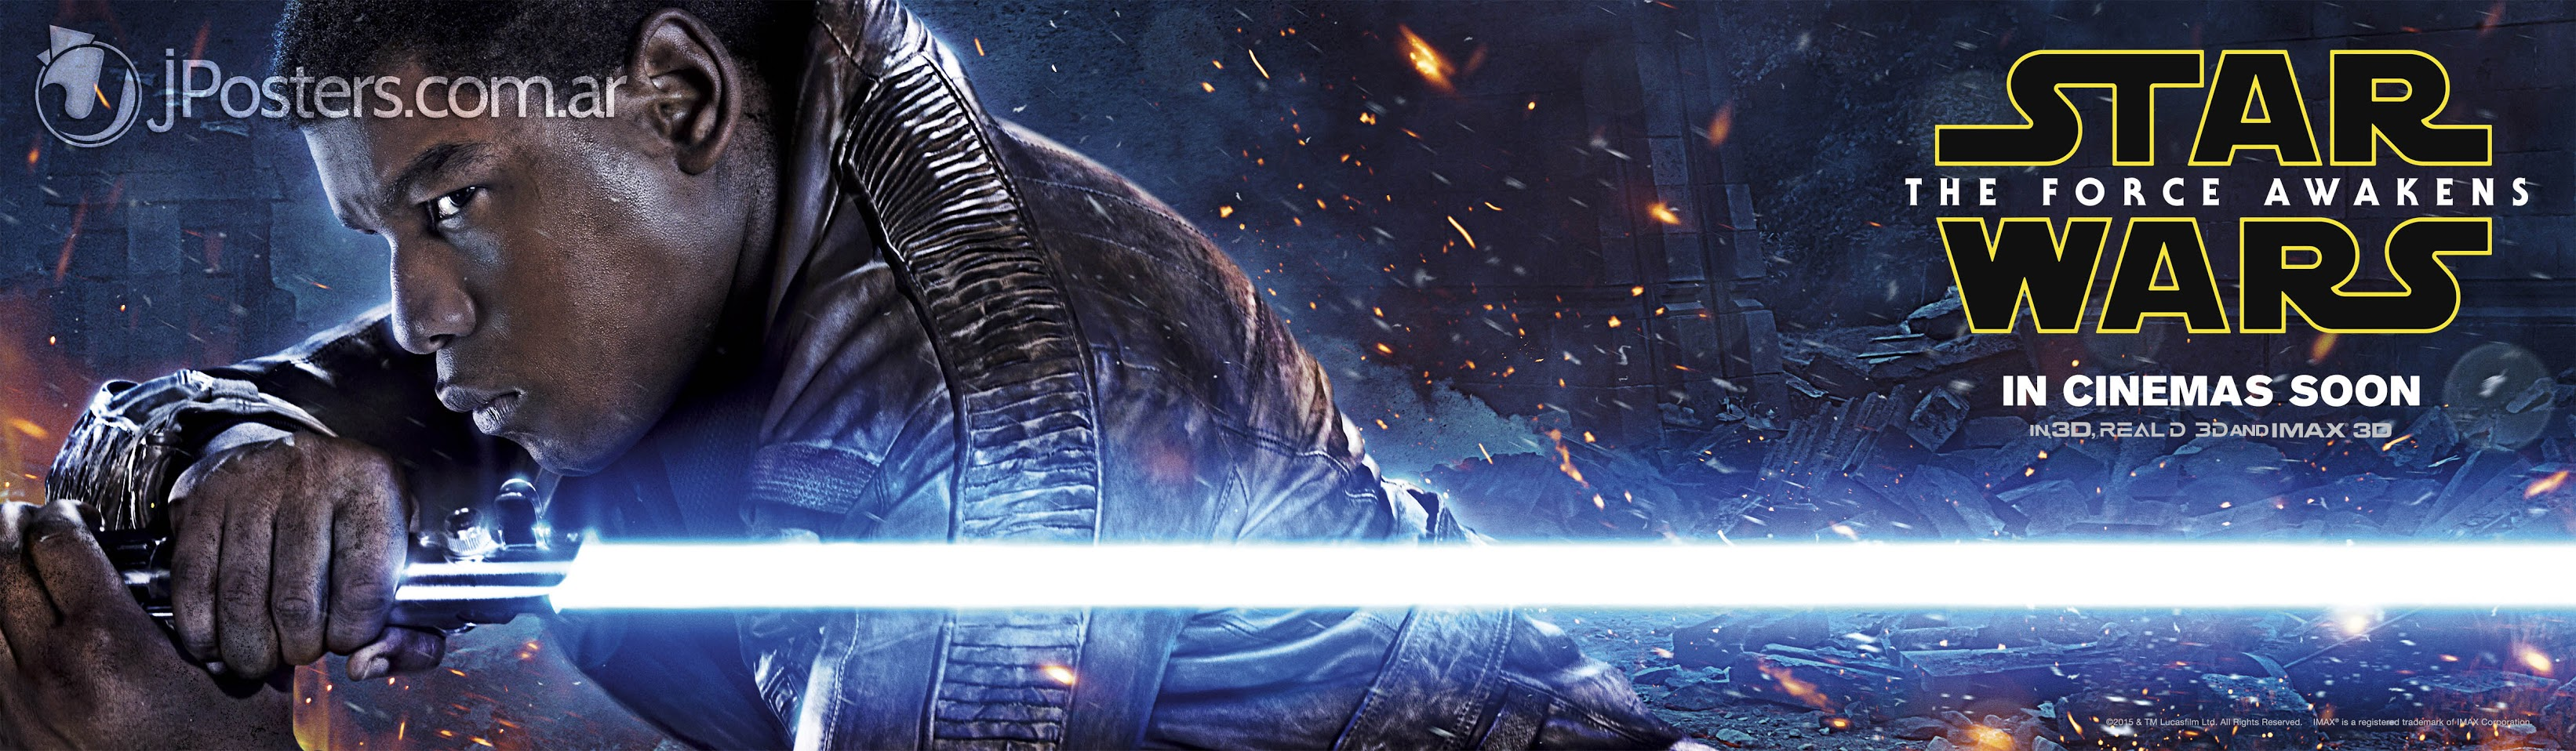 Star Wars : Le Réveil de la Force [Lucasfilm - 2015] - Page 6 Bannierefinn2